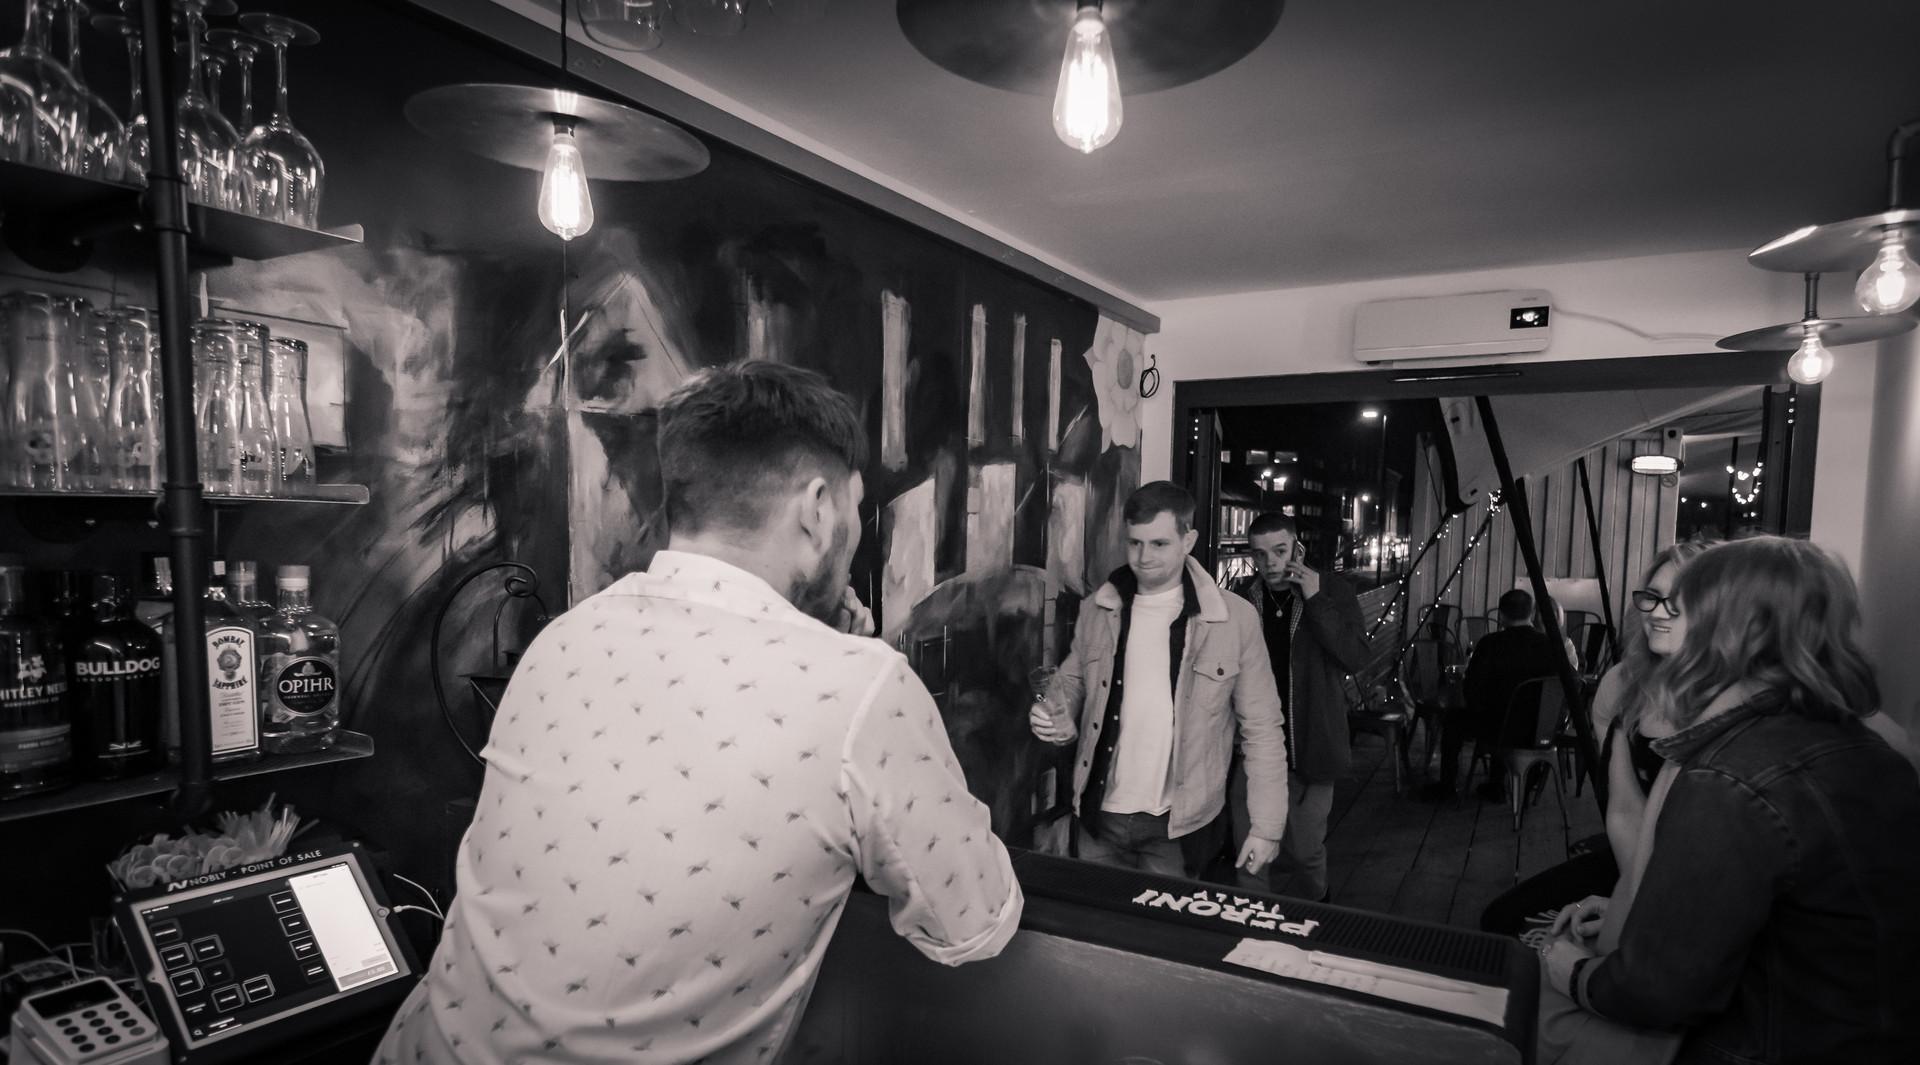 The Bohemian Bar in York